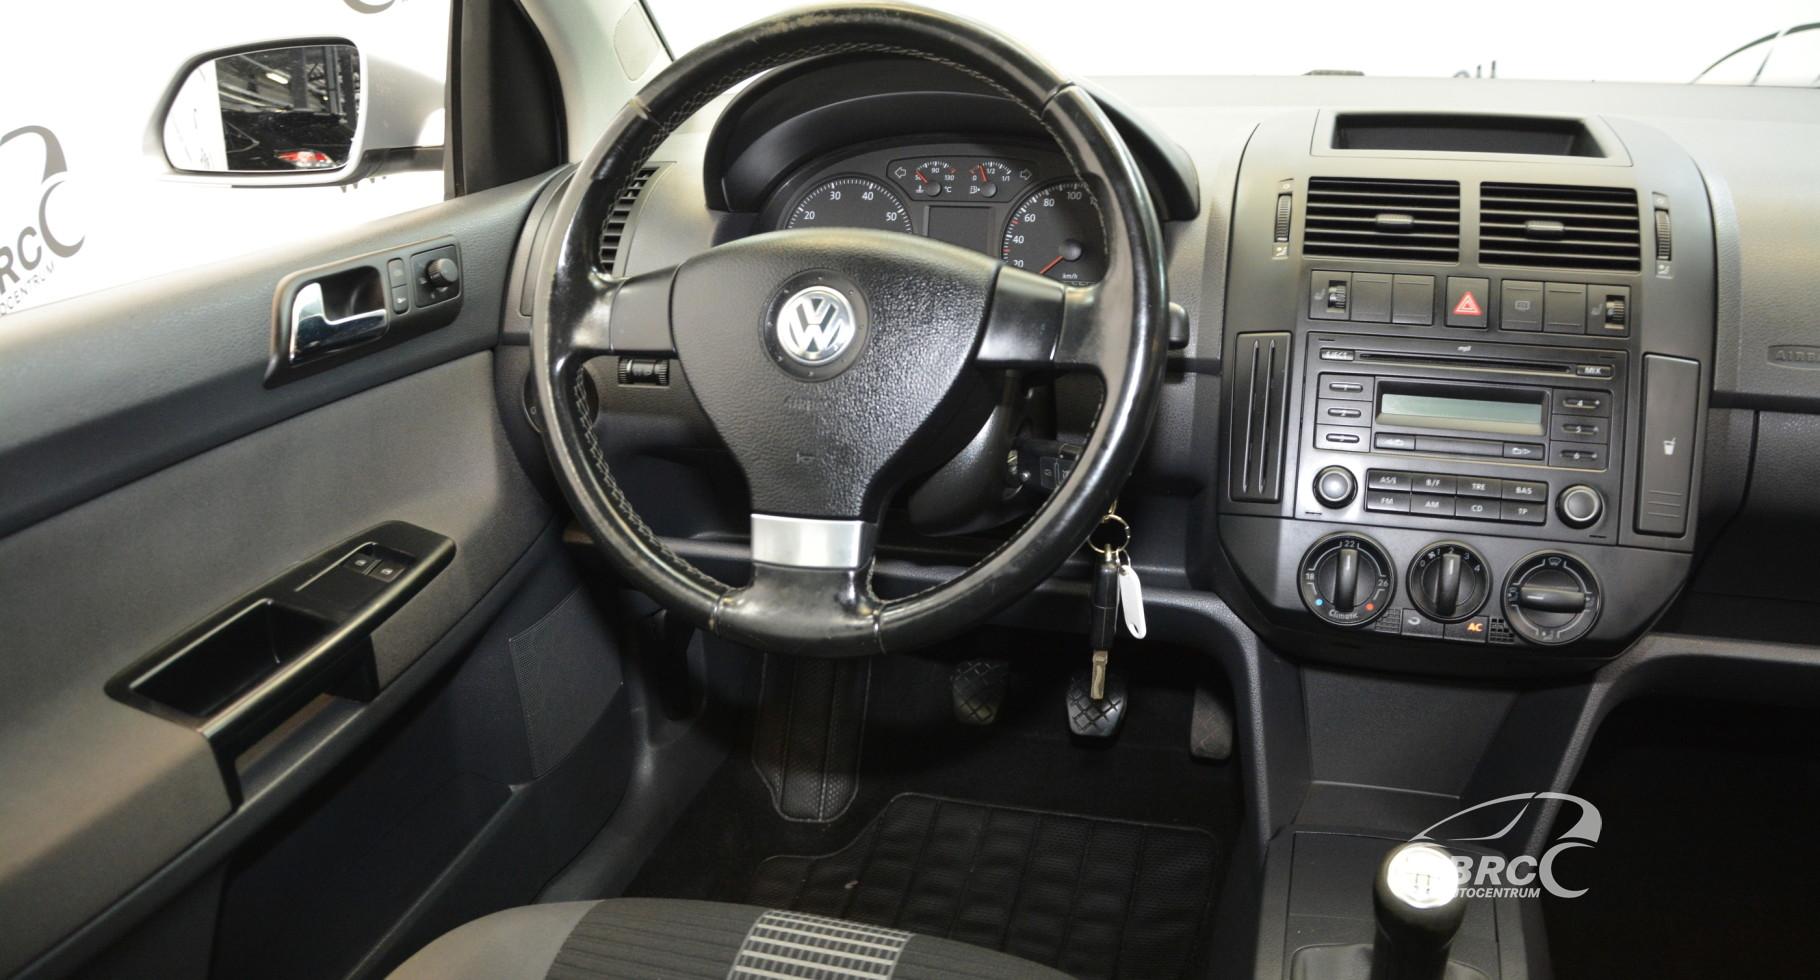 Volkswagen Polo 1.4 Trend